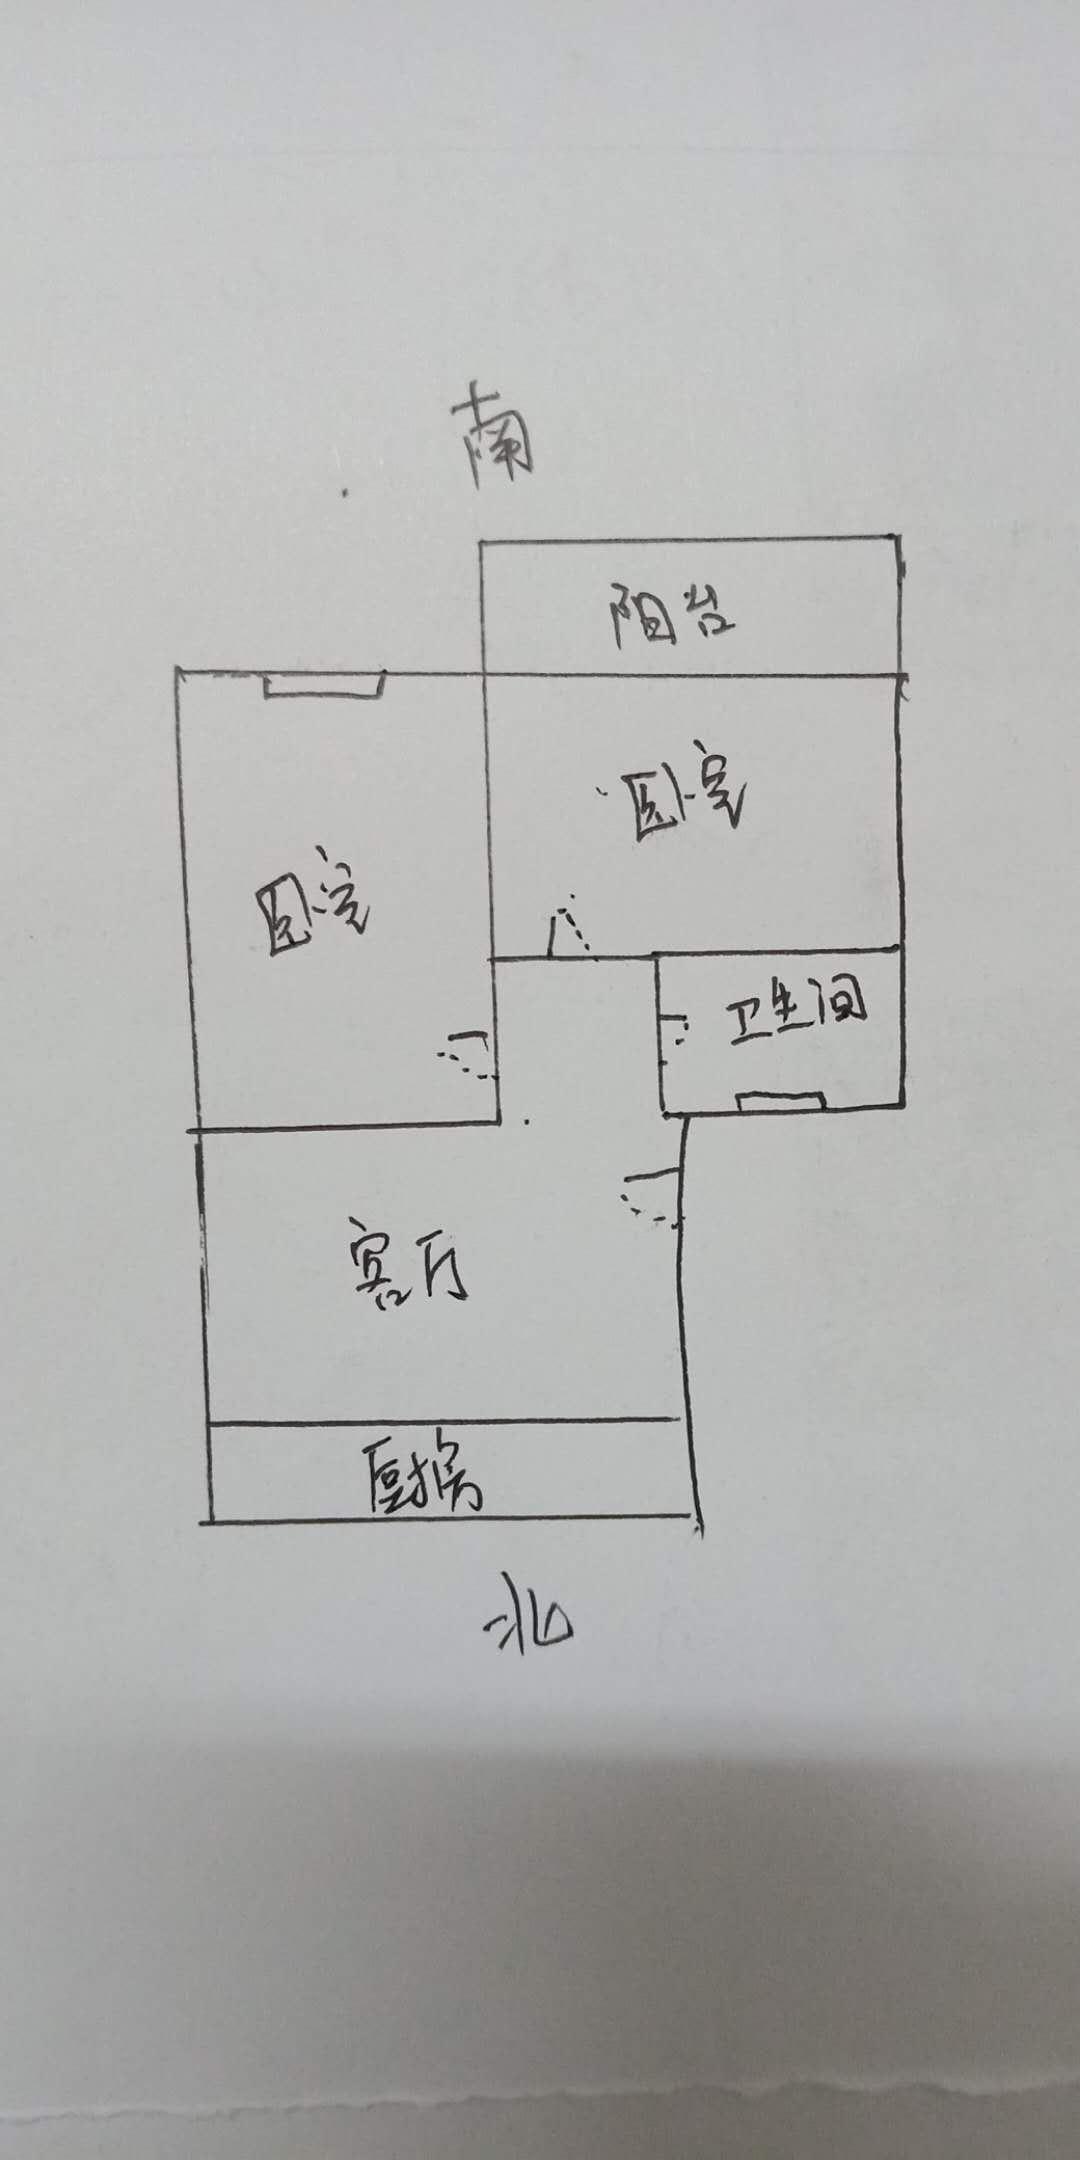 新华印刷厂宿舍 2室1厅  简装 66万